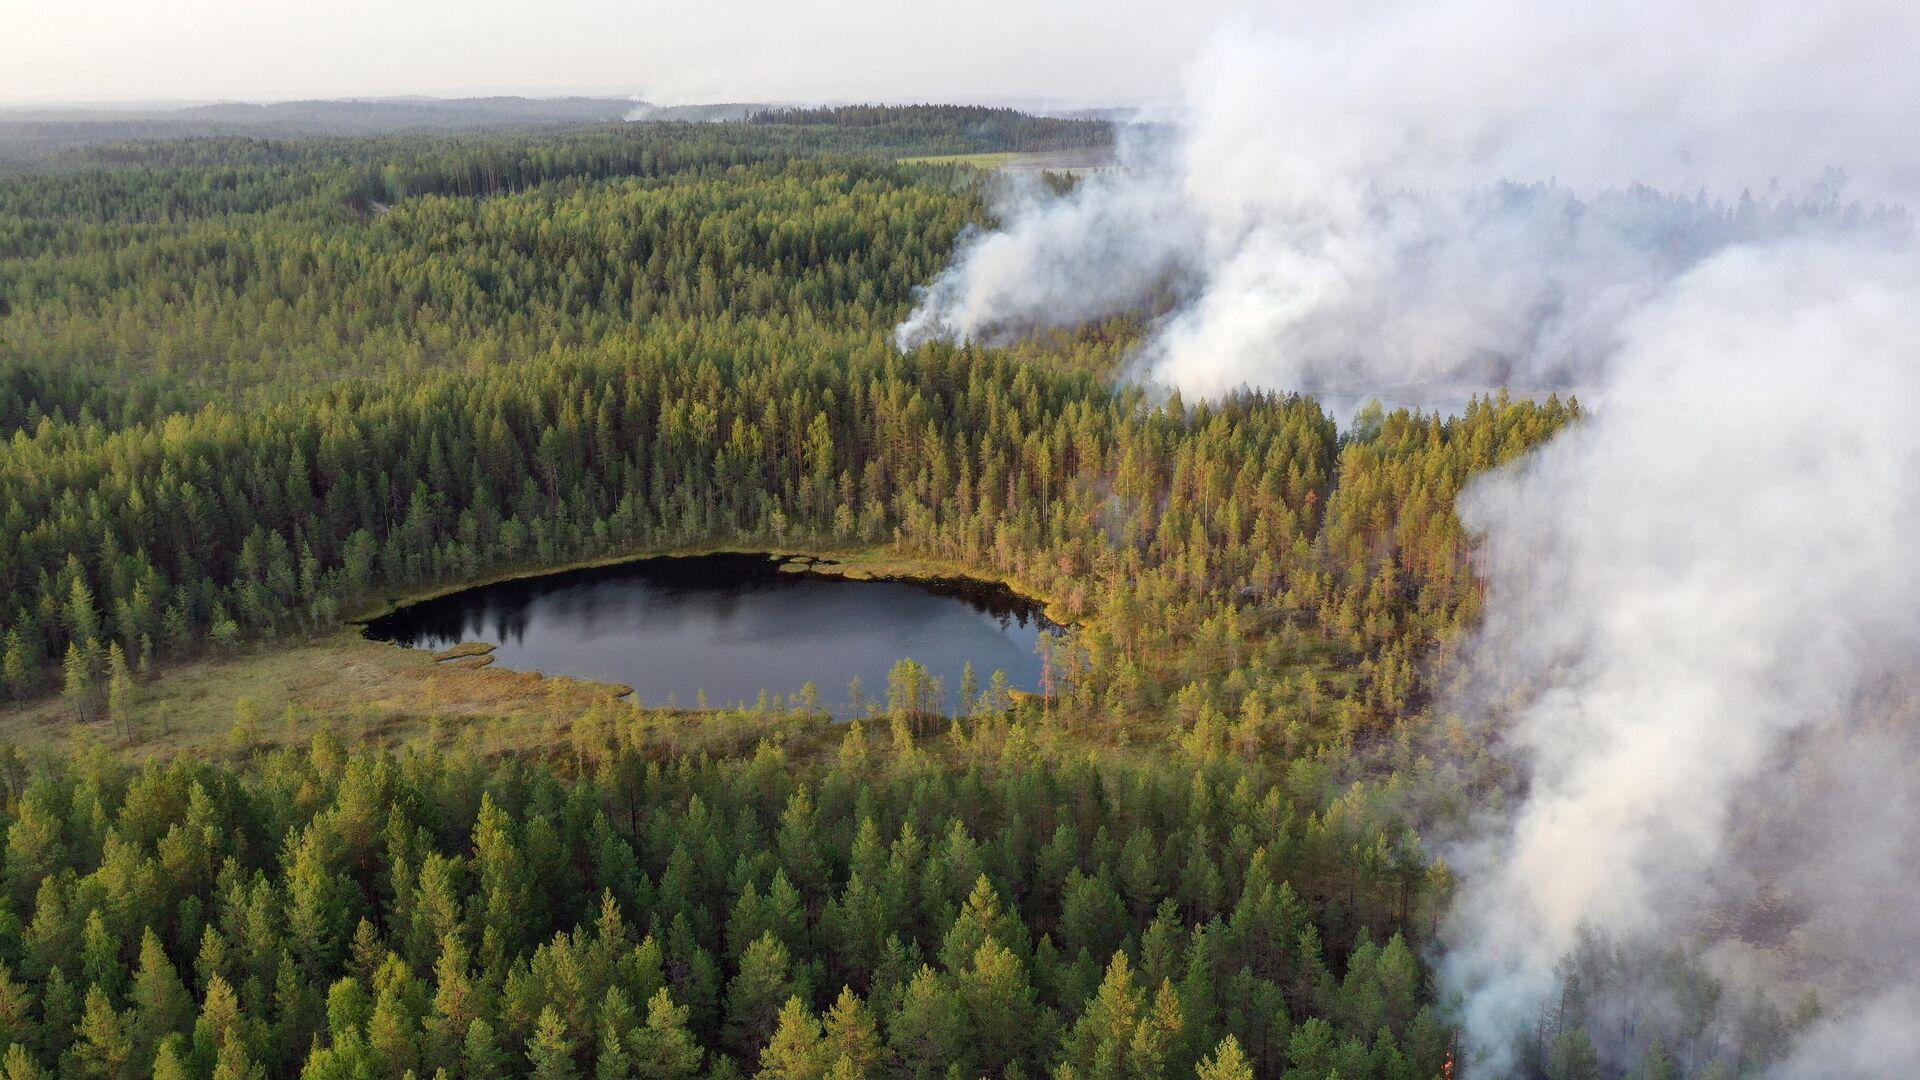 Горящие леса в районе Сямозера в Пряжинском районе Карелии - РИА Новости, 1920, 22.07.2021